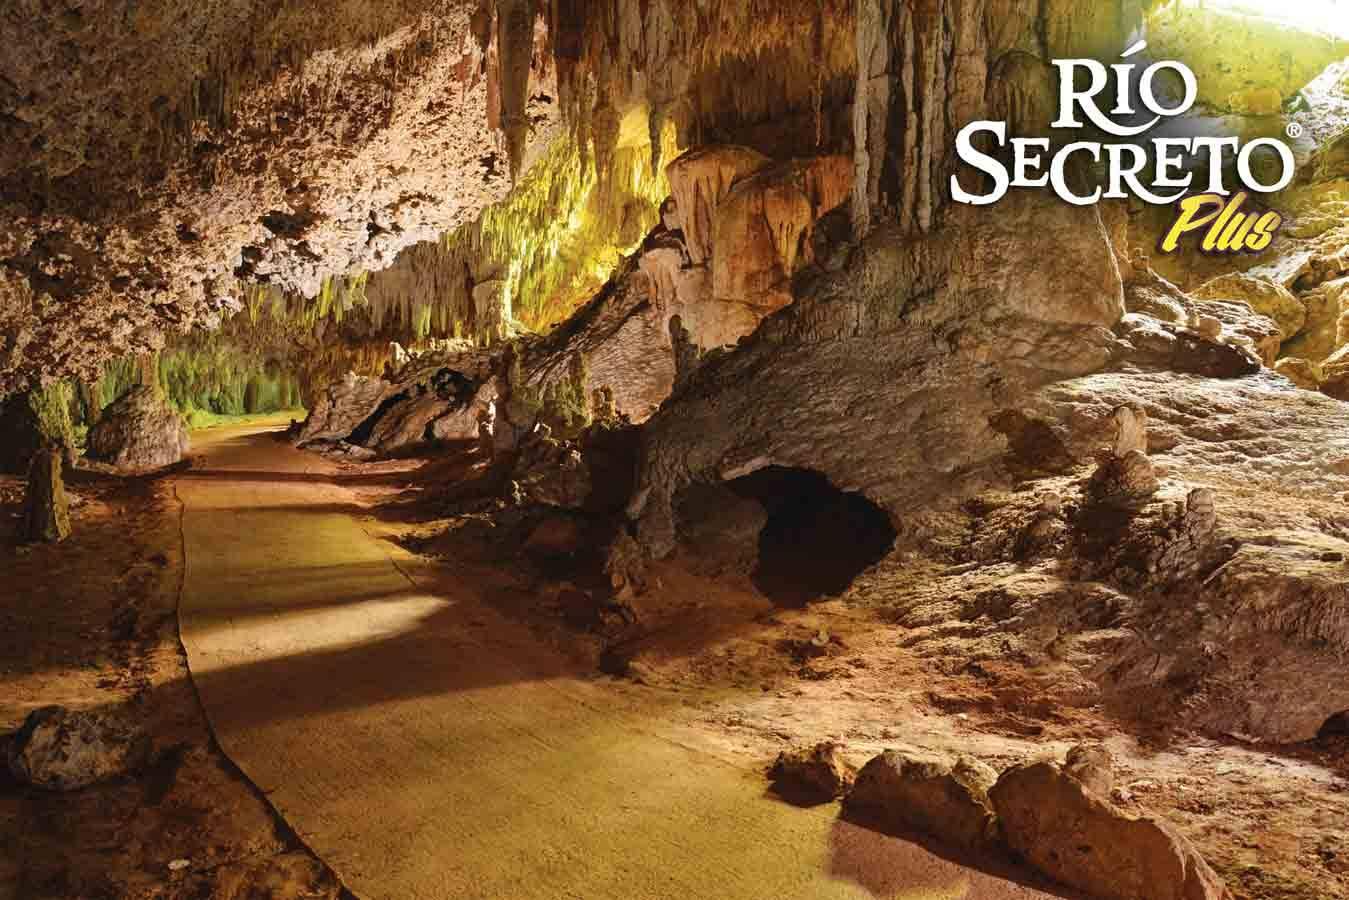 Rio Secreto Plus Tour Riviera - Last Minute Tours in Cancún and Riviera Maya